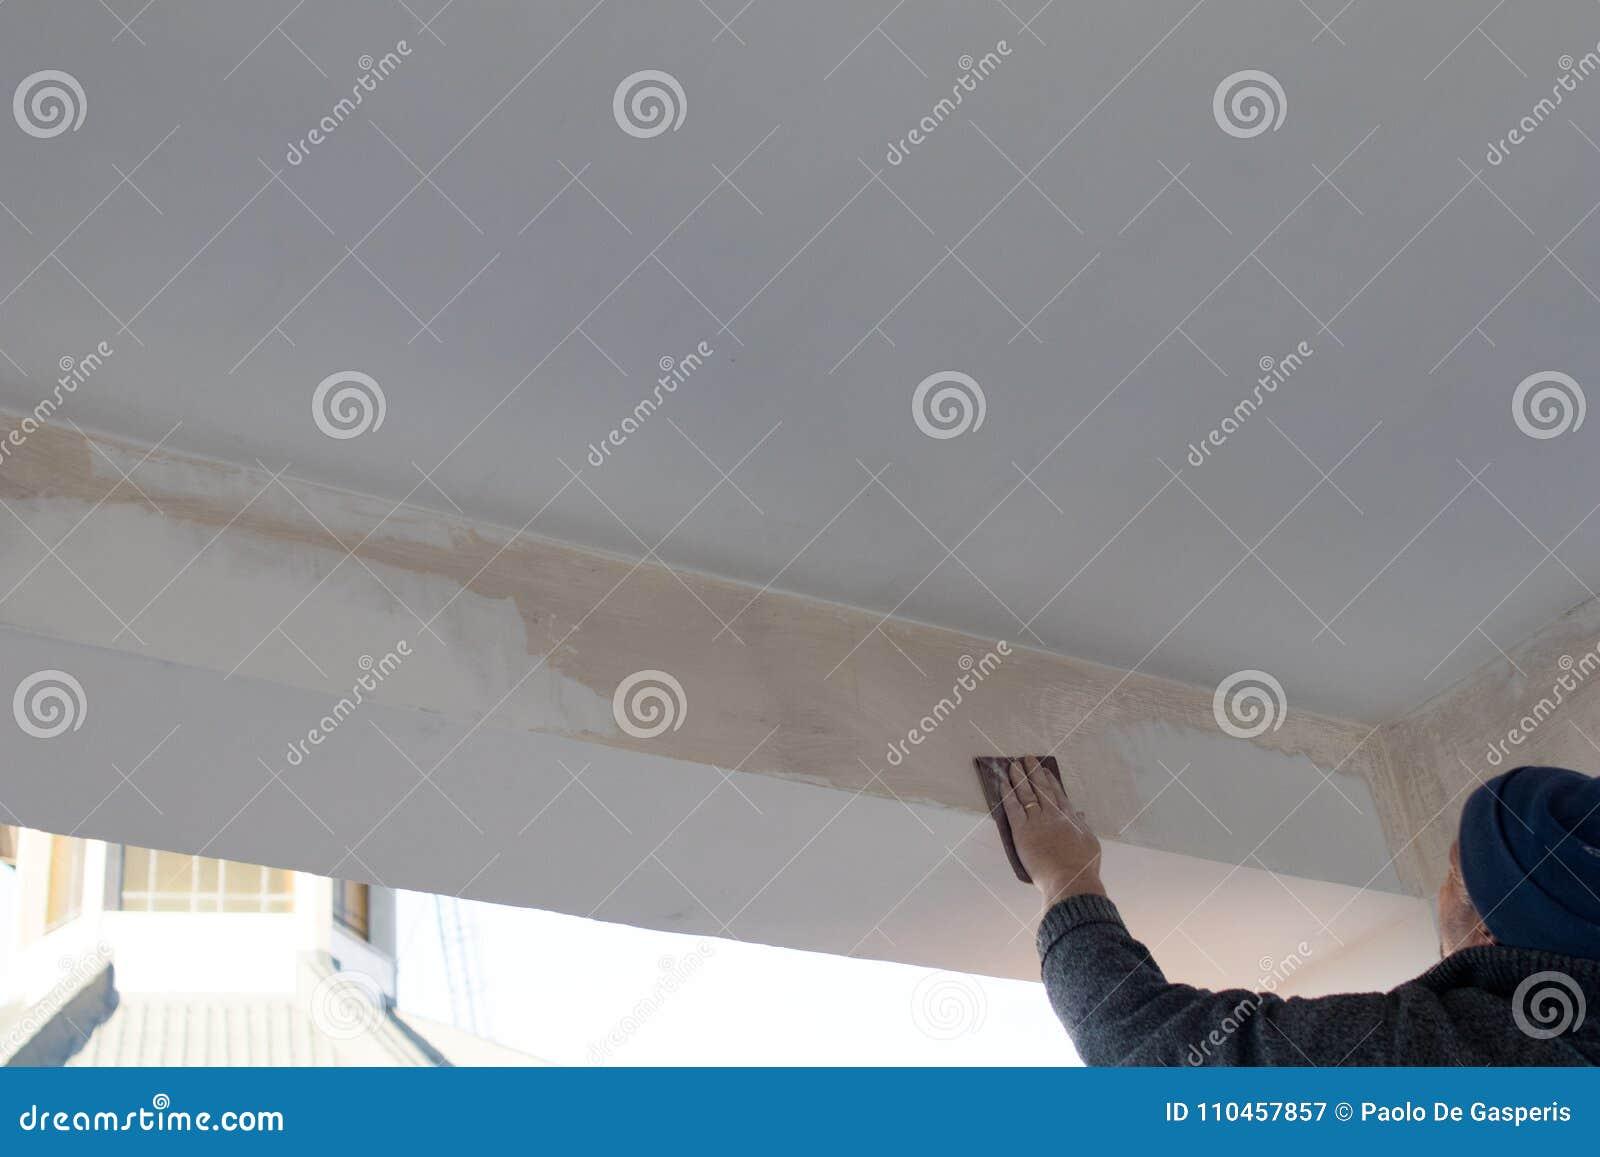 Den kompetenta arbetaren fördelar stuckaturen och målarfärg på en stråle av en terrass D